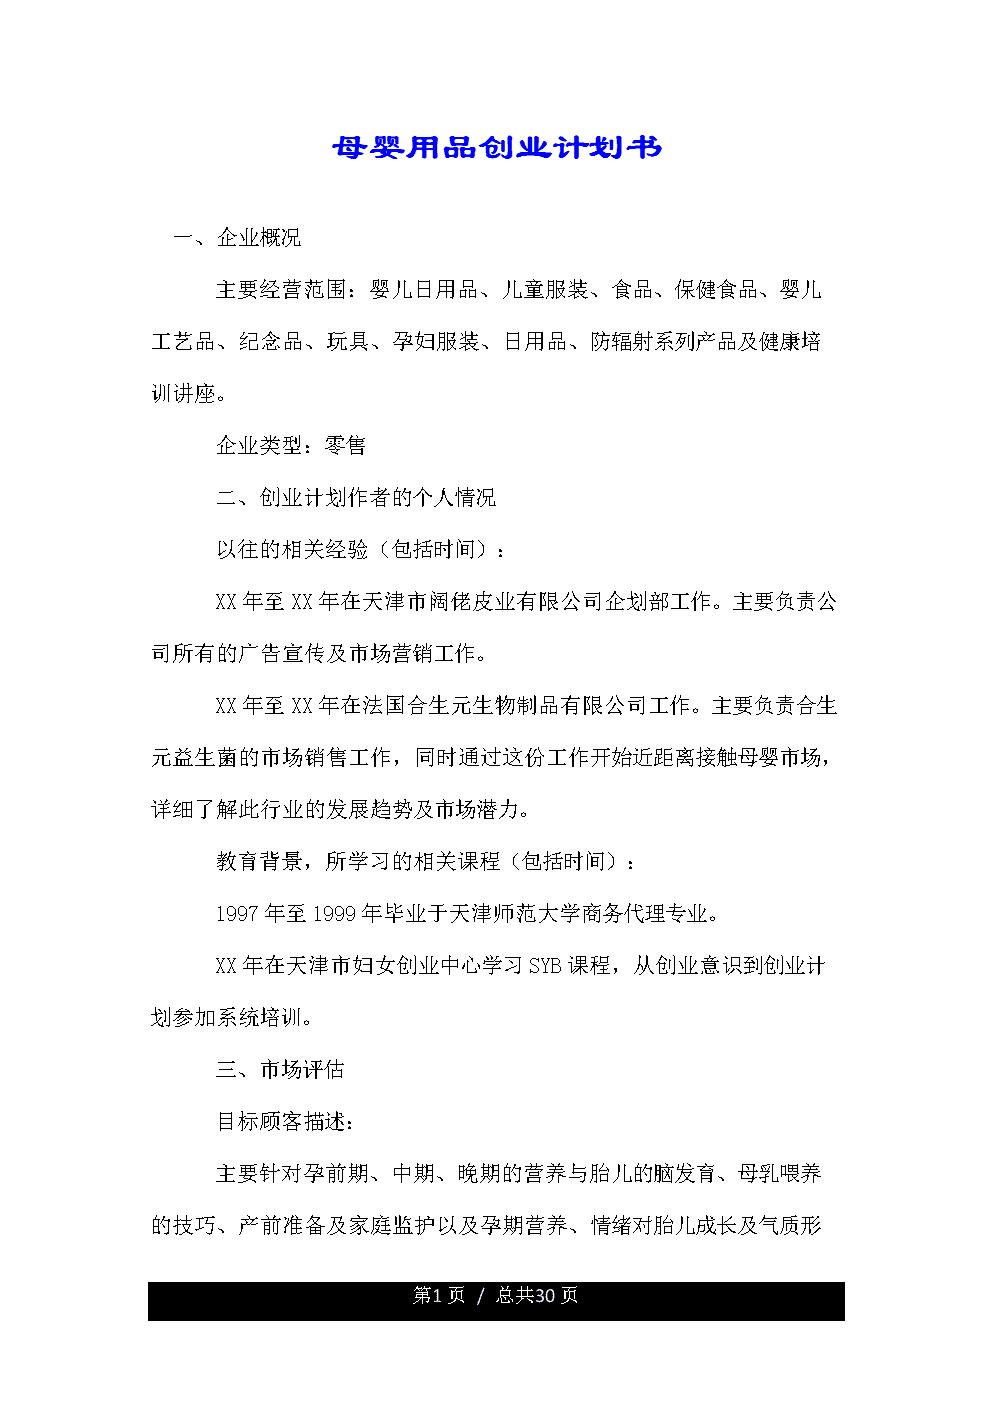 母婴用品创业总结计划计划书.doc